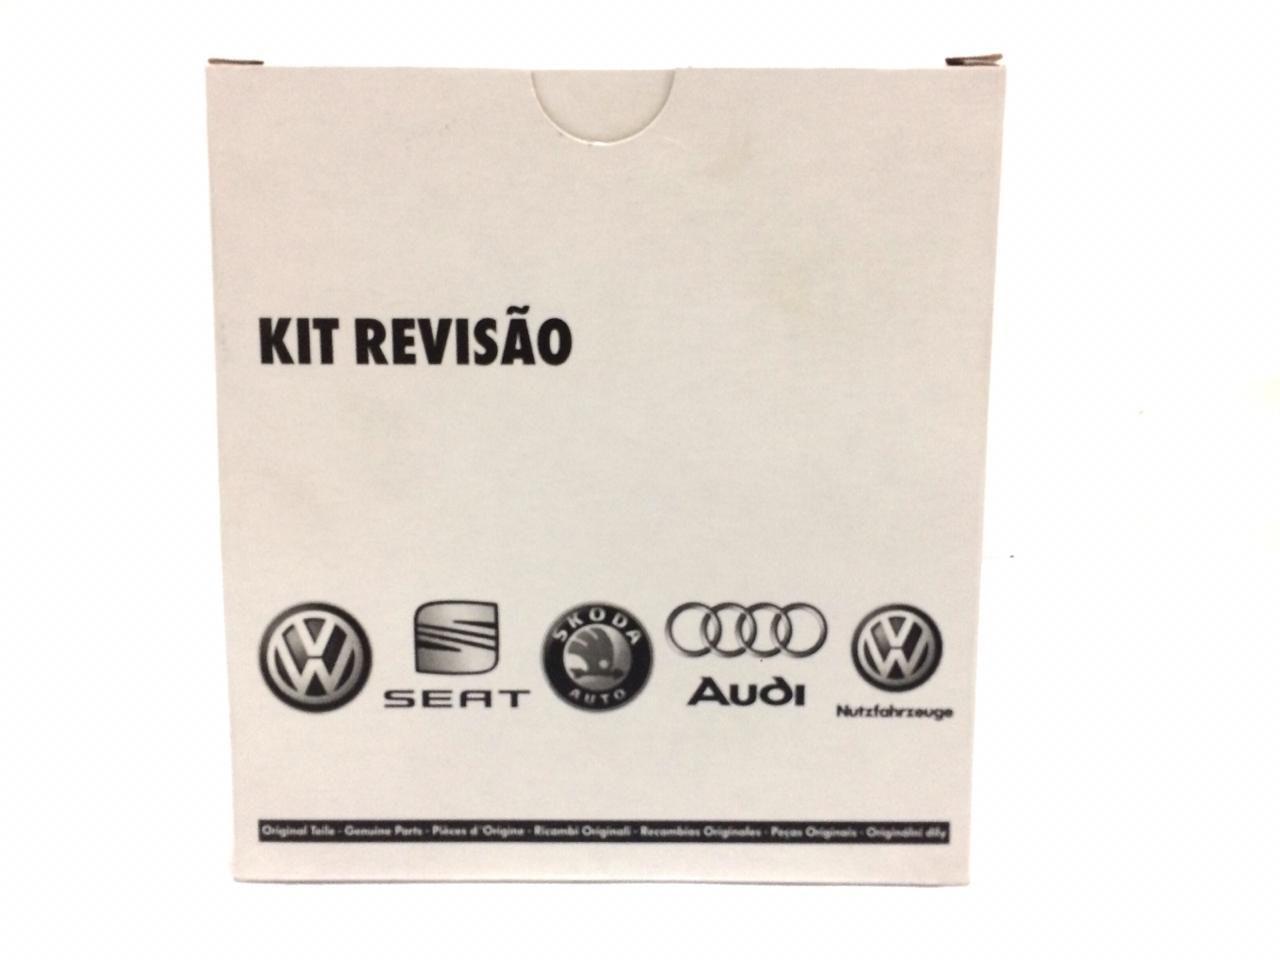 Kit Revisão Original Volkswagen APR096300B